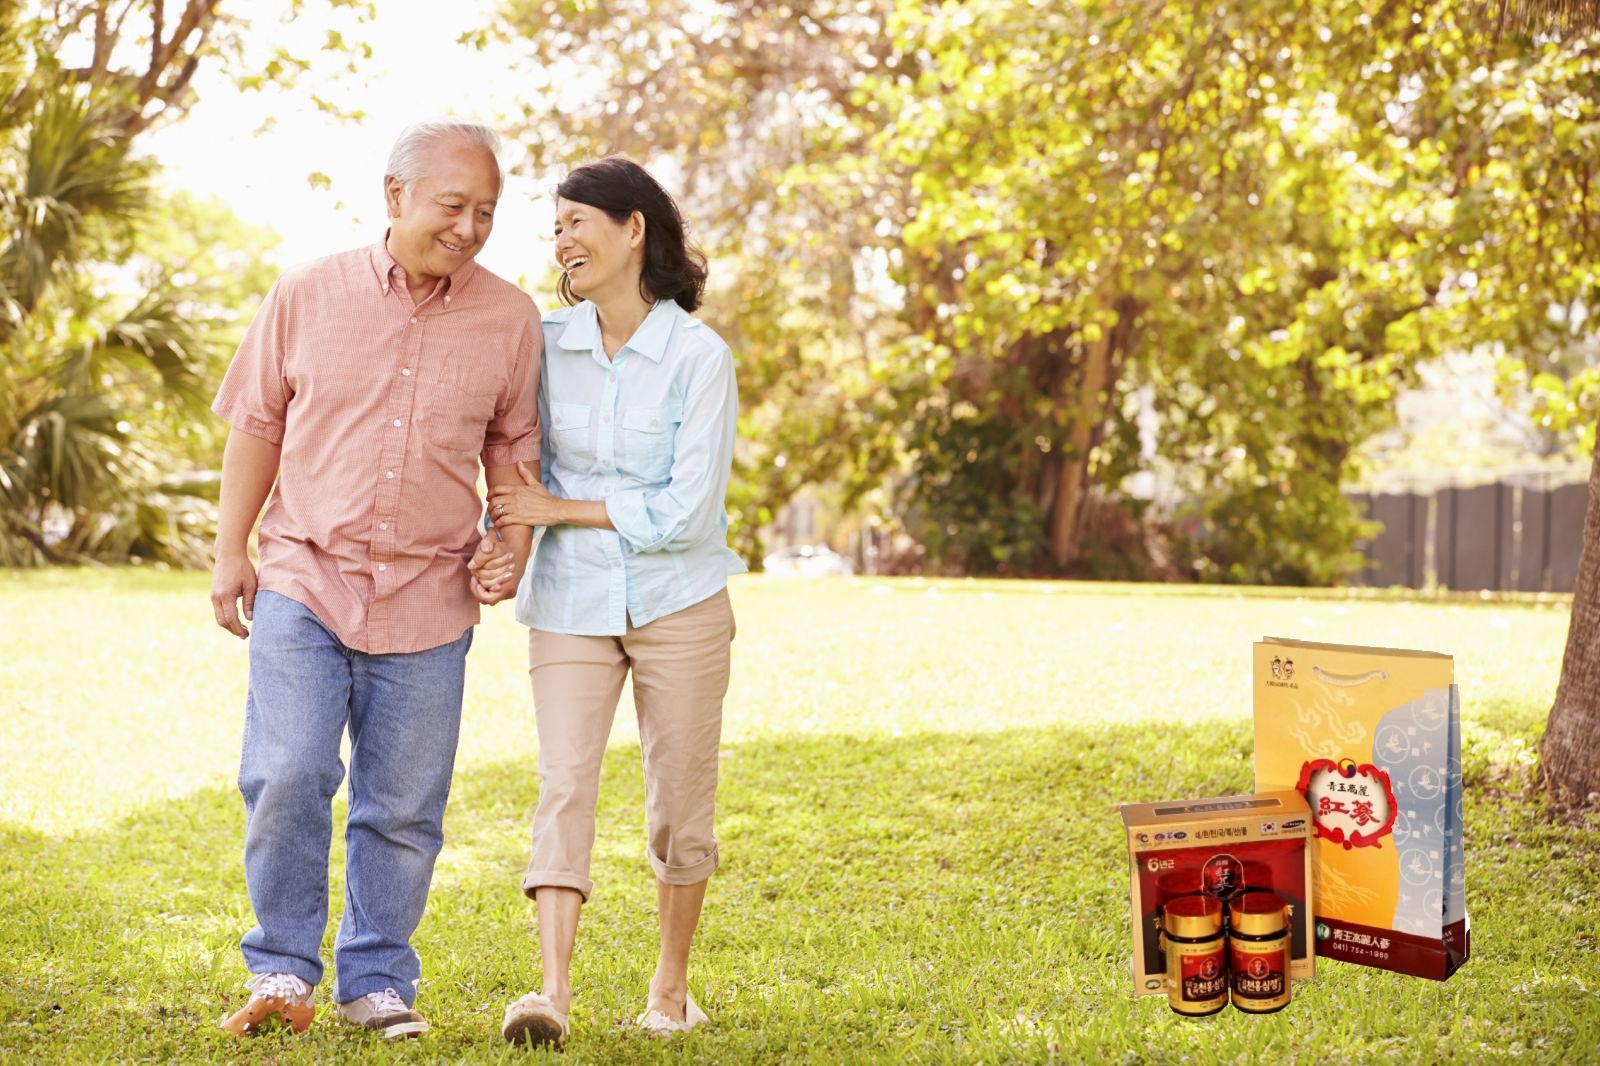 cao hồng sâm kana tốt cho sức khỏe người già